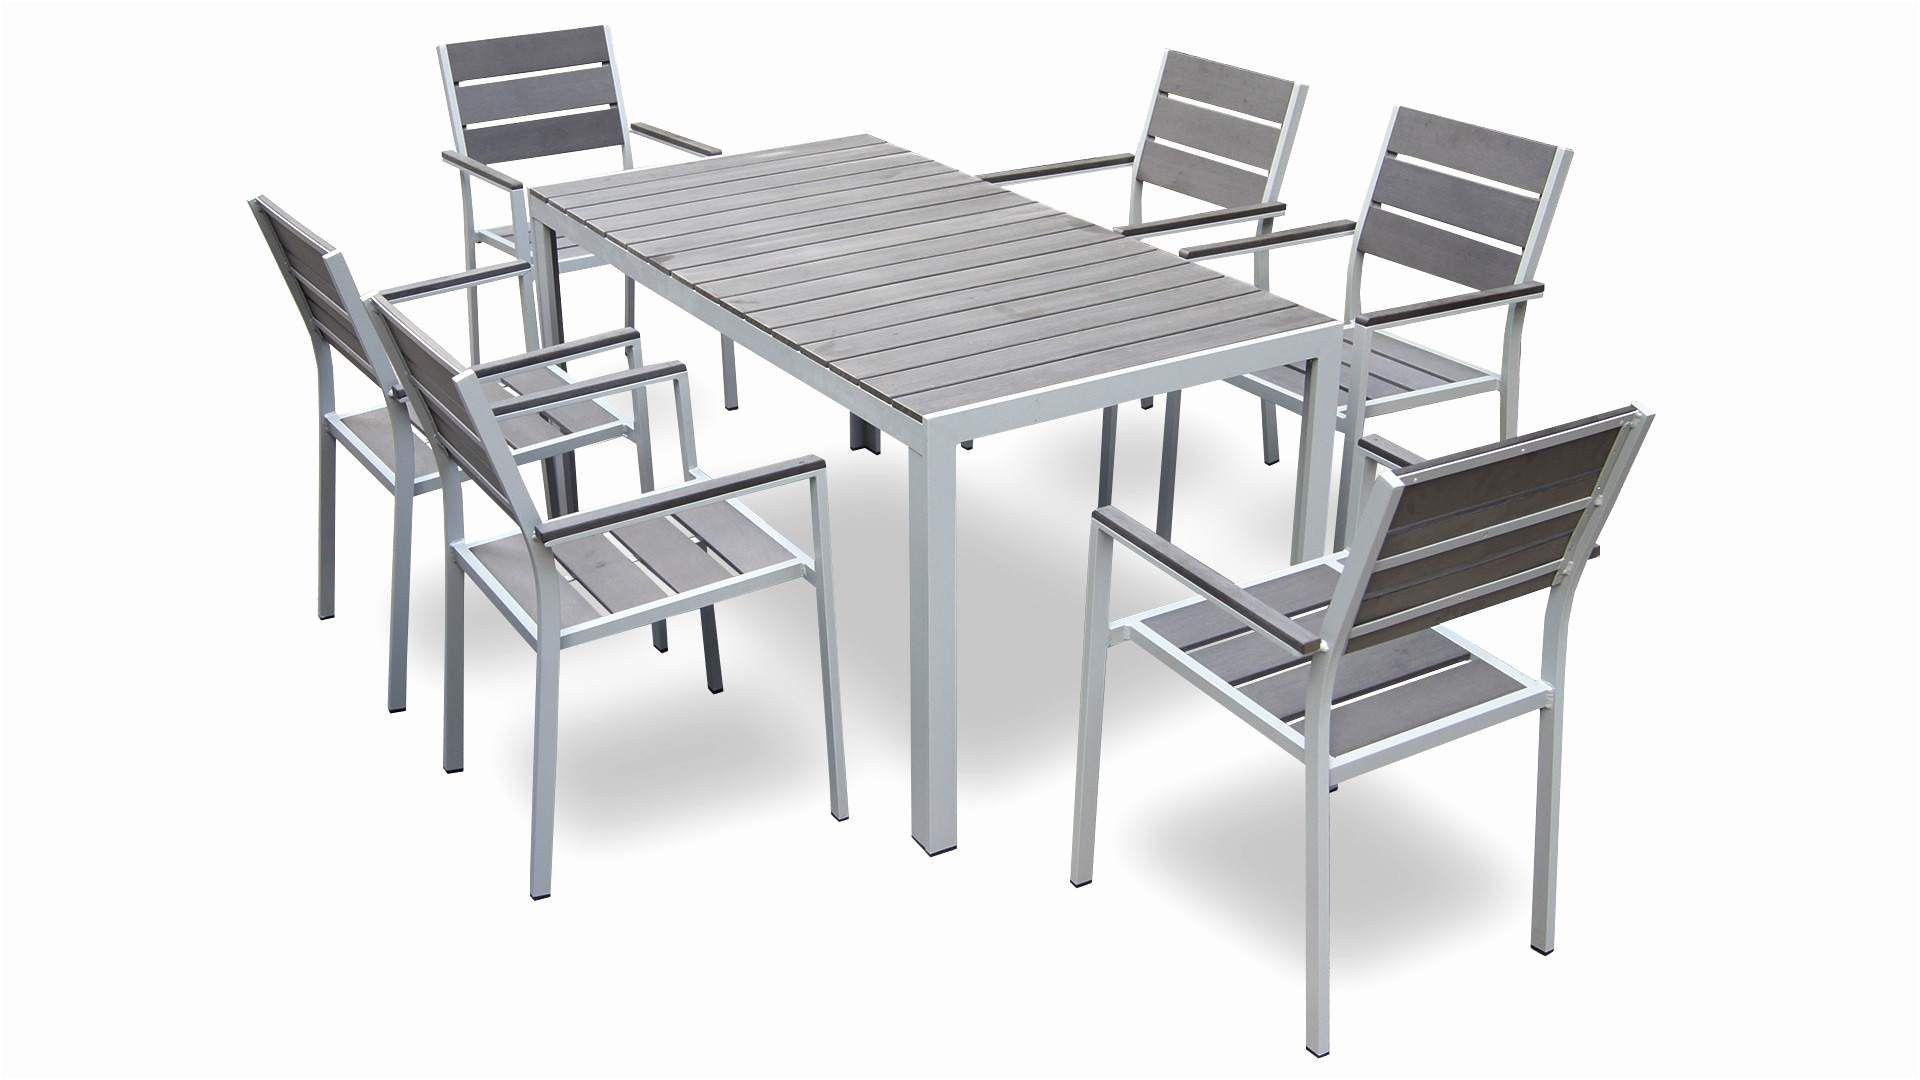 Chaise De Jardin Pas Cher Table Et Chaise Jardin Pas Cher ... serapportantà Table Et Chaises De Jardin Pas Cher